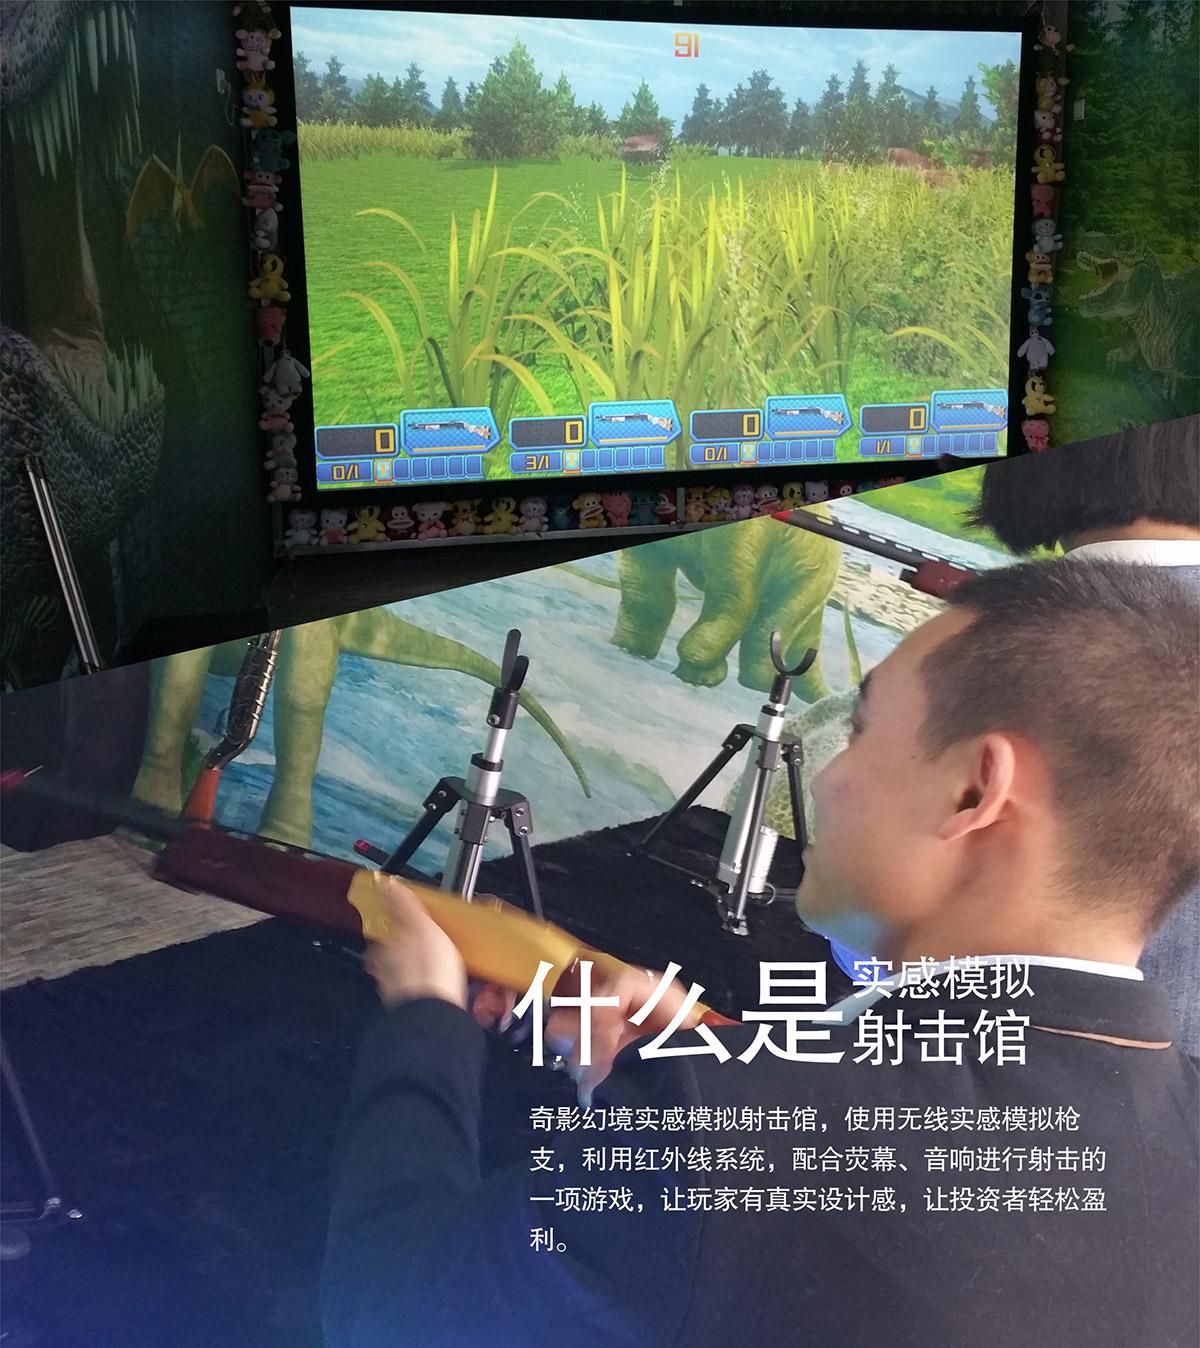 安全体验什么是实感模拟射击馆.jpg